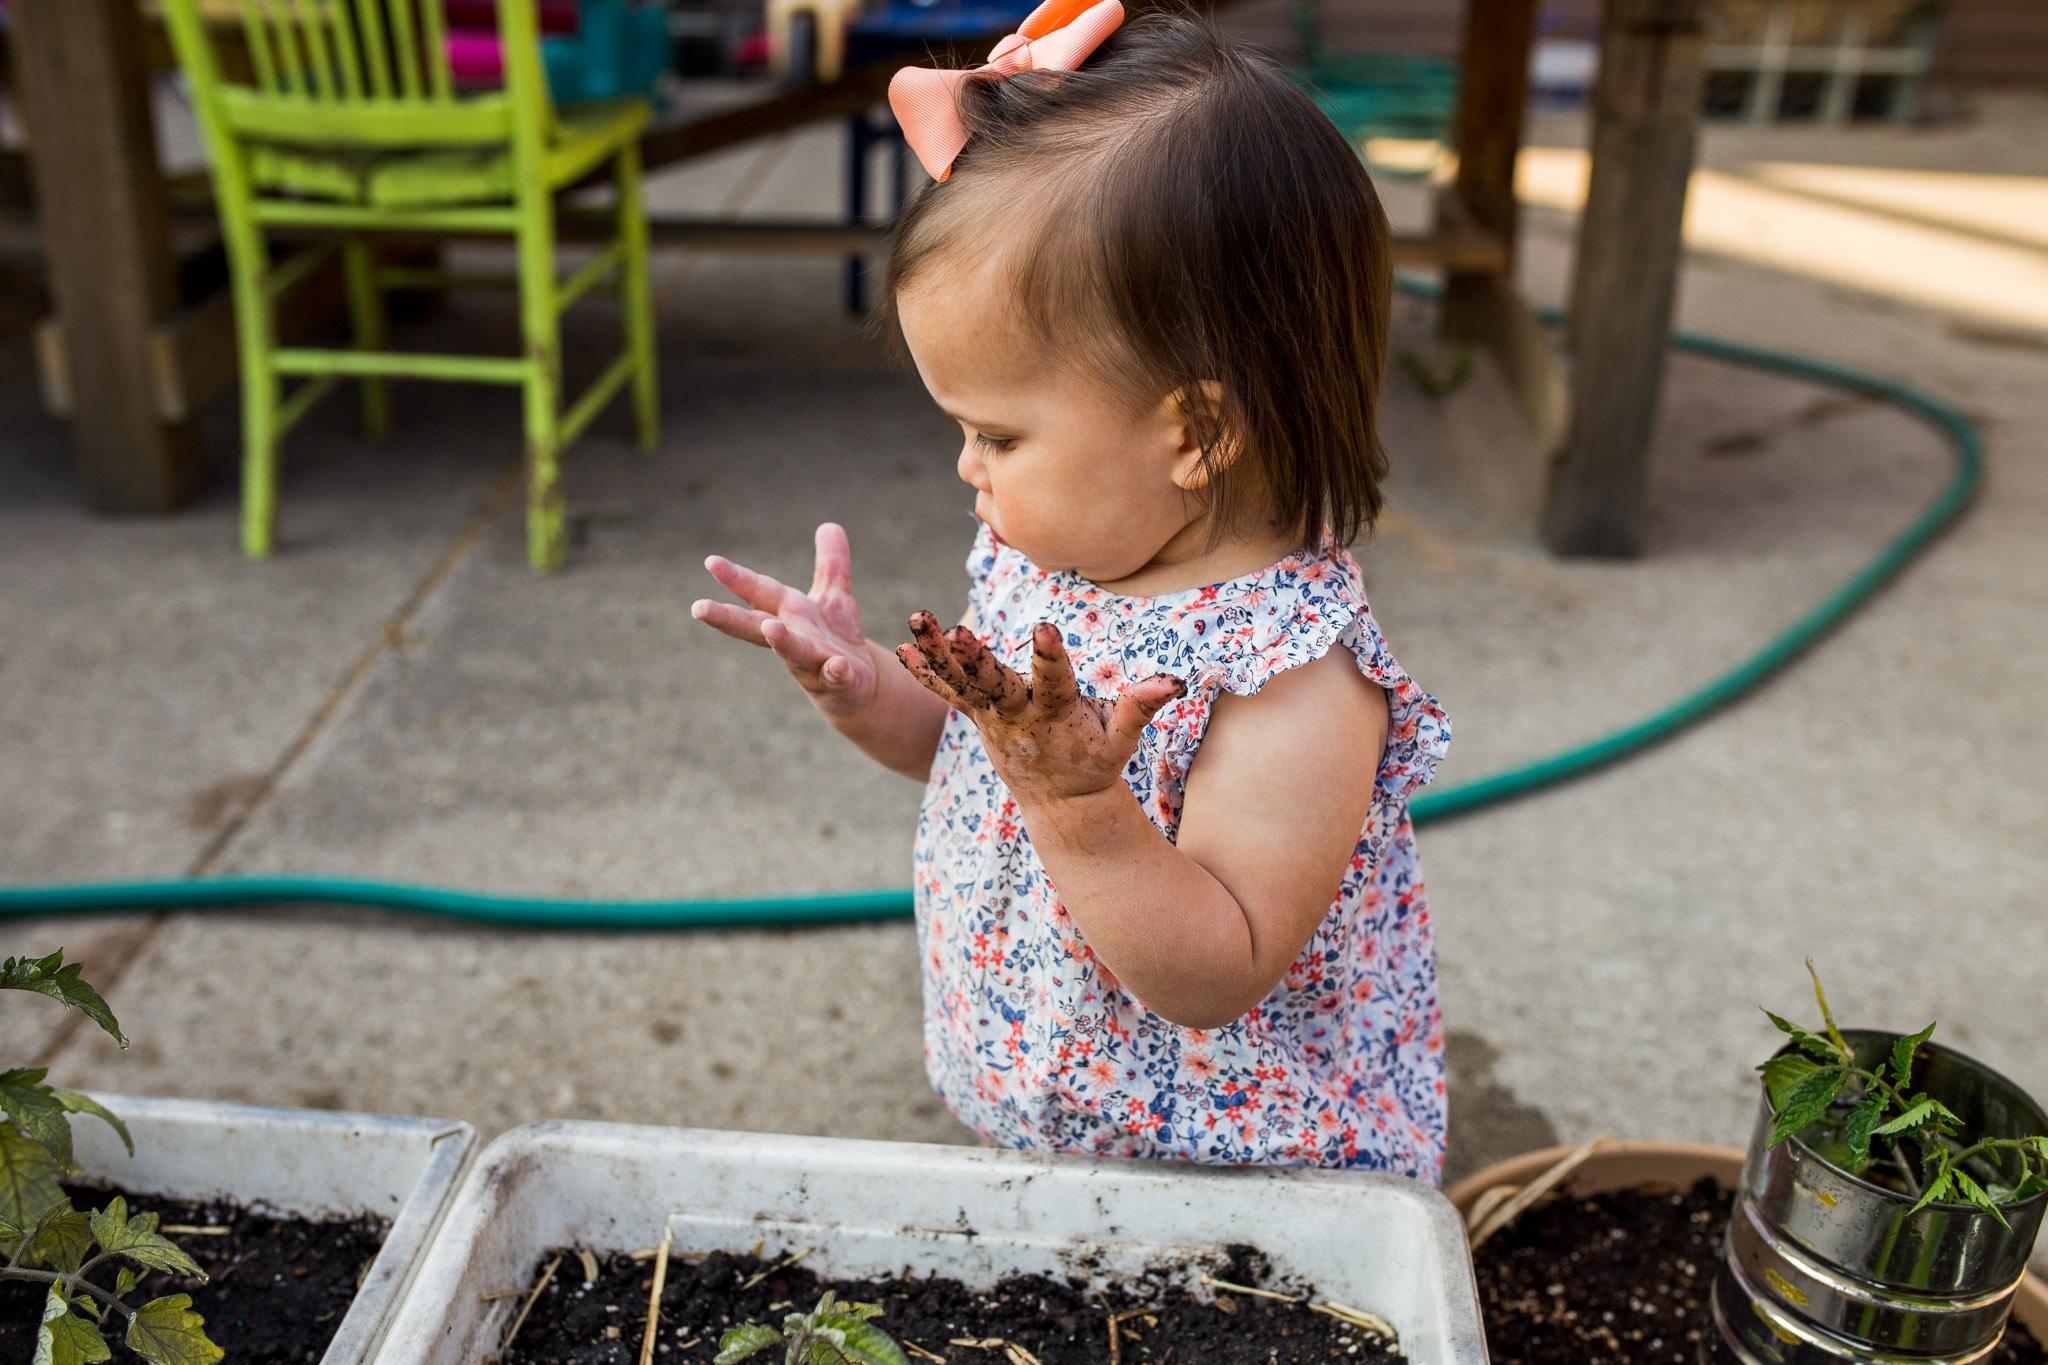 family-documentary-dirty-hands-little-girl.jpg